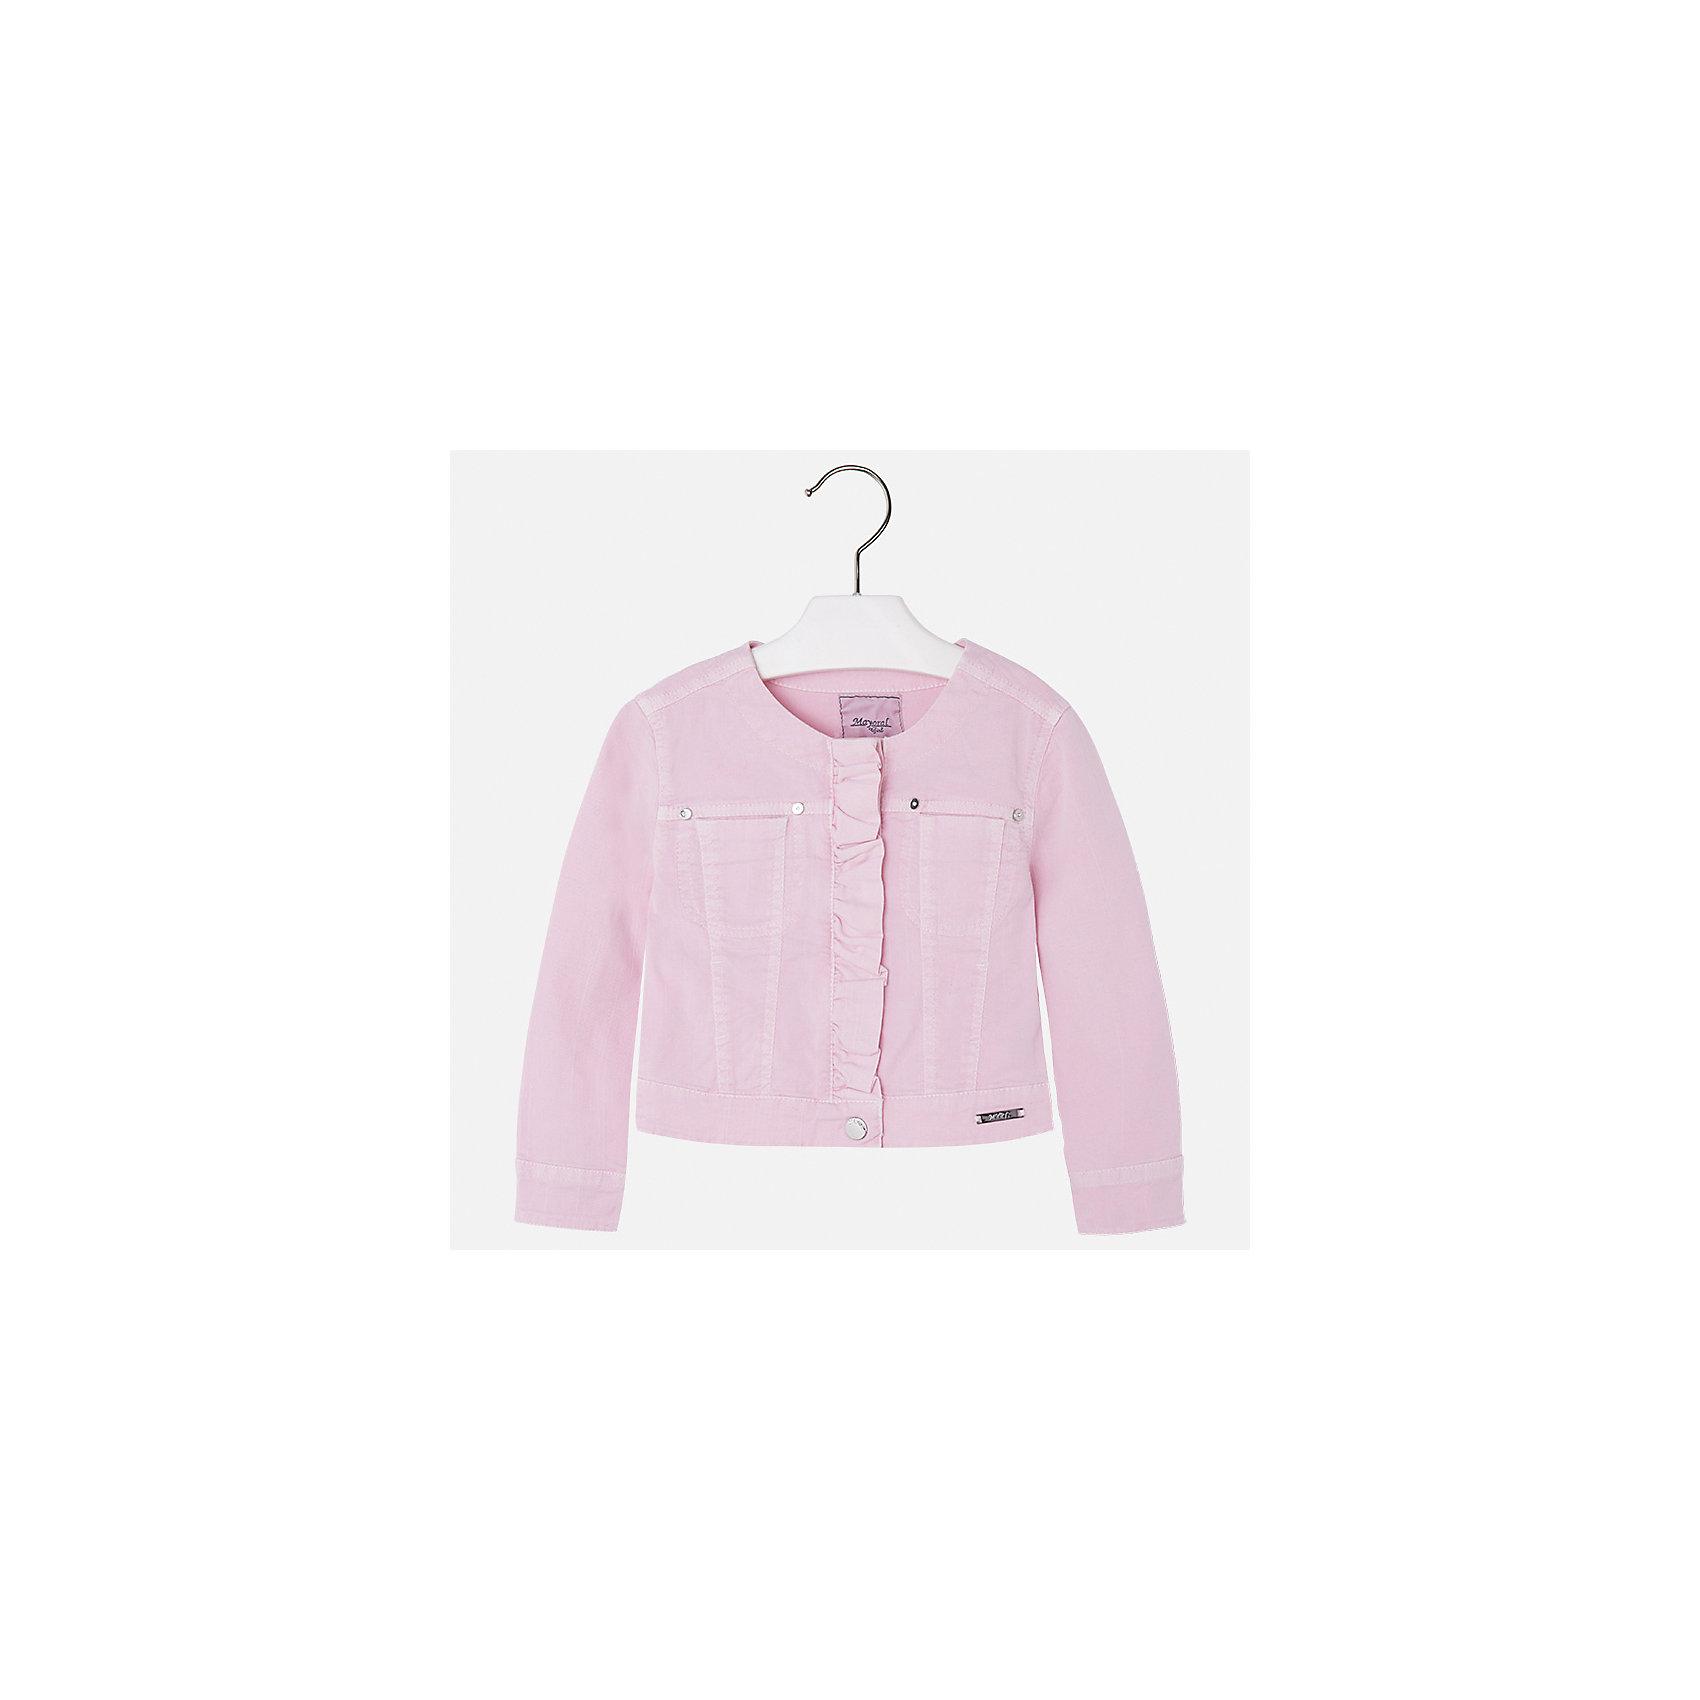 Куртка для девочки MayoralВетровки и жакеты<br>Характеристики товара:<br><br>• цвет: розовый<br>• состав: 98% хлопок, 2% эластан<br>• планка<br>• карманы<br>• с длинными рукавами <br>• украшена оборкой<br>• страна бренда: Испания<br><br>Стильная куртка для девочки поможет разнообразить гардероб ребенка и обеспечить тепло в прохладную погоду. Она отлично сочетается и с юбками, и с брюками. Красивый цвет позволяет подобрать к вещи низ различных расцветок. Интересная отделка модели делает её нарядной и стильной. Оригинальной и модной куртку делает оборка на планке.<br><br>Одежда, обувь и аксессуары от испанского бренда Mayoral полюбились детям и взрослым по всему миру. Модели этой марки - стильные и удобные. Для их производства используются только безопасные, качественные материалы и фурнитура. Порадуйте ребенка модными и красивыми вещами от Mayoral! <br><br>Куртку для девочки от испанского бренда Mayoral (Майорал) можно купить в нашем интернет-магазине.<br><br>Ширина мм: 356<br>Глубина мм: 10<br>Высота мм: 245<br>Вес г: 519<br>Цвет: розовый<br>Возраст от месяцев: 18<br>Возраст до месяцев: 24<br>Пол: Женский<br>Возраст: Детский<br>Размер: 92,134,98,104,110,116,122,128<br>SKU: 5290100